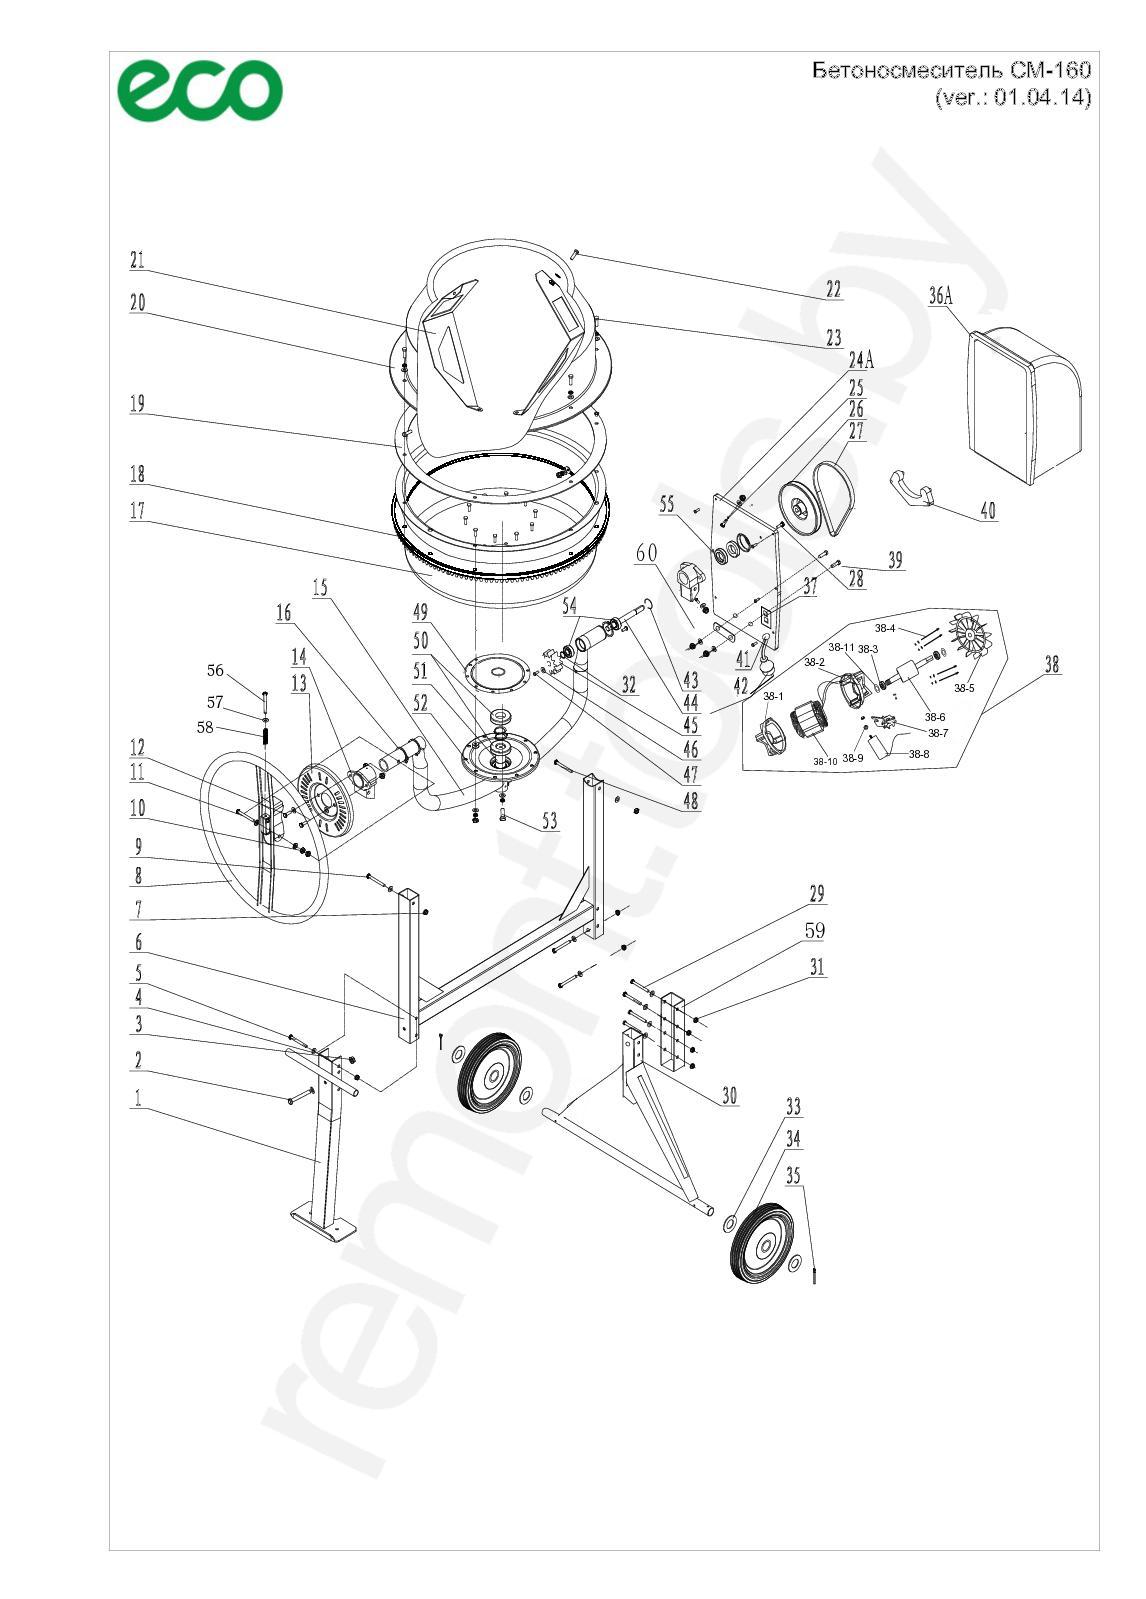 Eco Бетоносмеситель Cm160 (Ver 01 04 14)